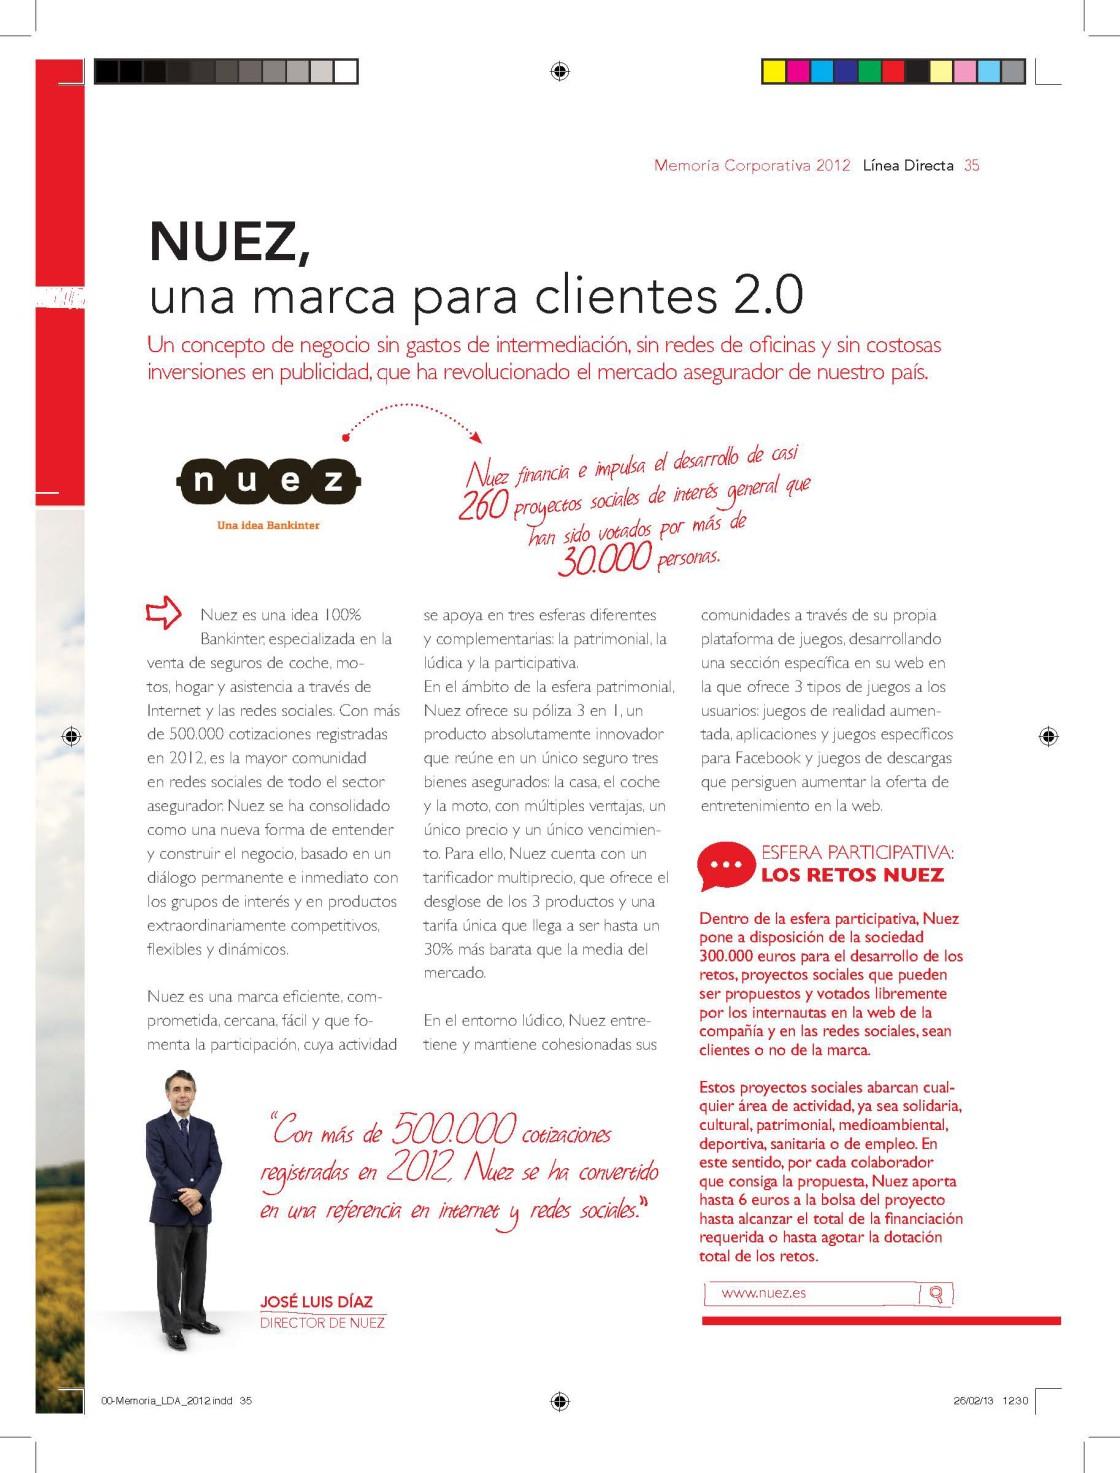 Memoria_LDA_2012_Page_35